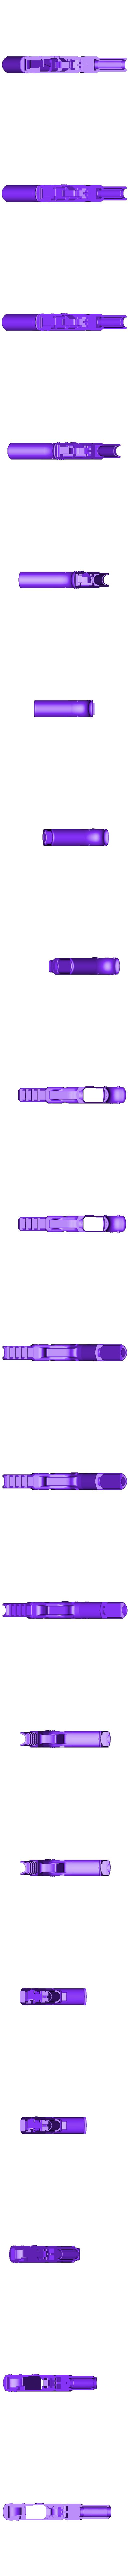 vg17_vinh_plain_v1.stl Télécharger fichier STL gratuit Glock 17 g17 • Design à imprimer en 3D, idy26